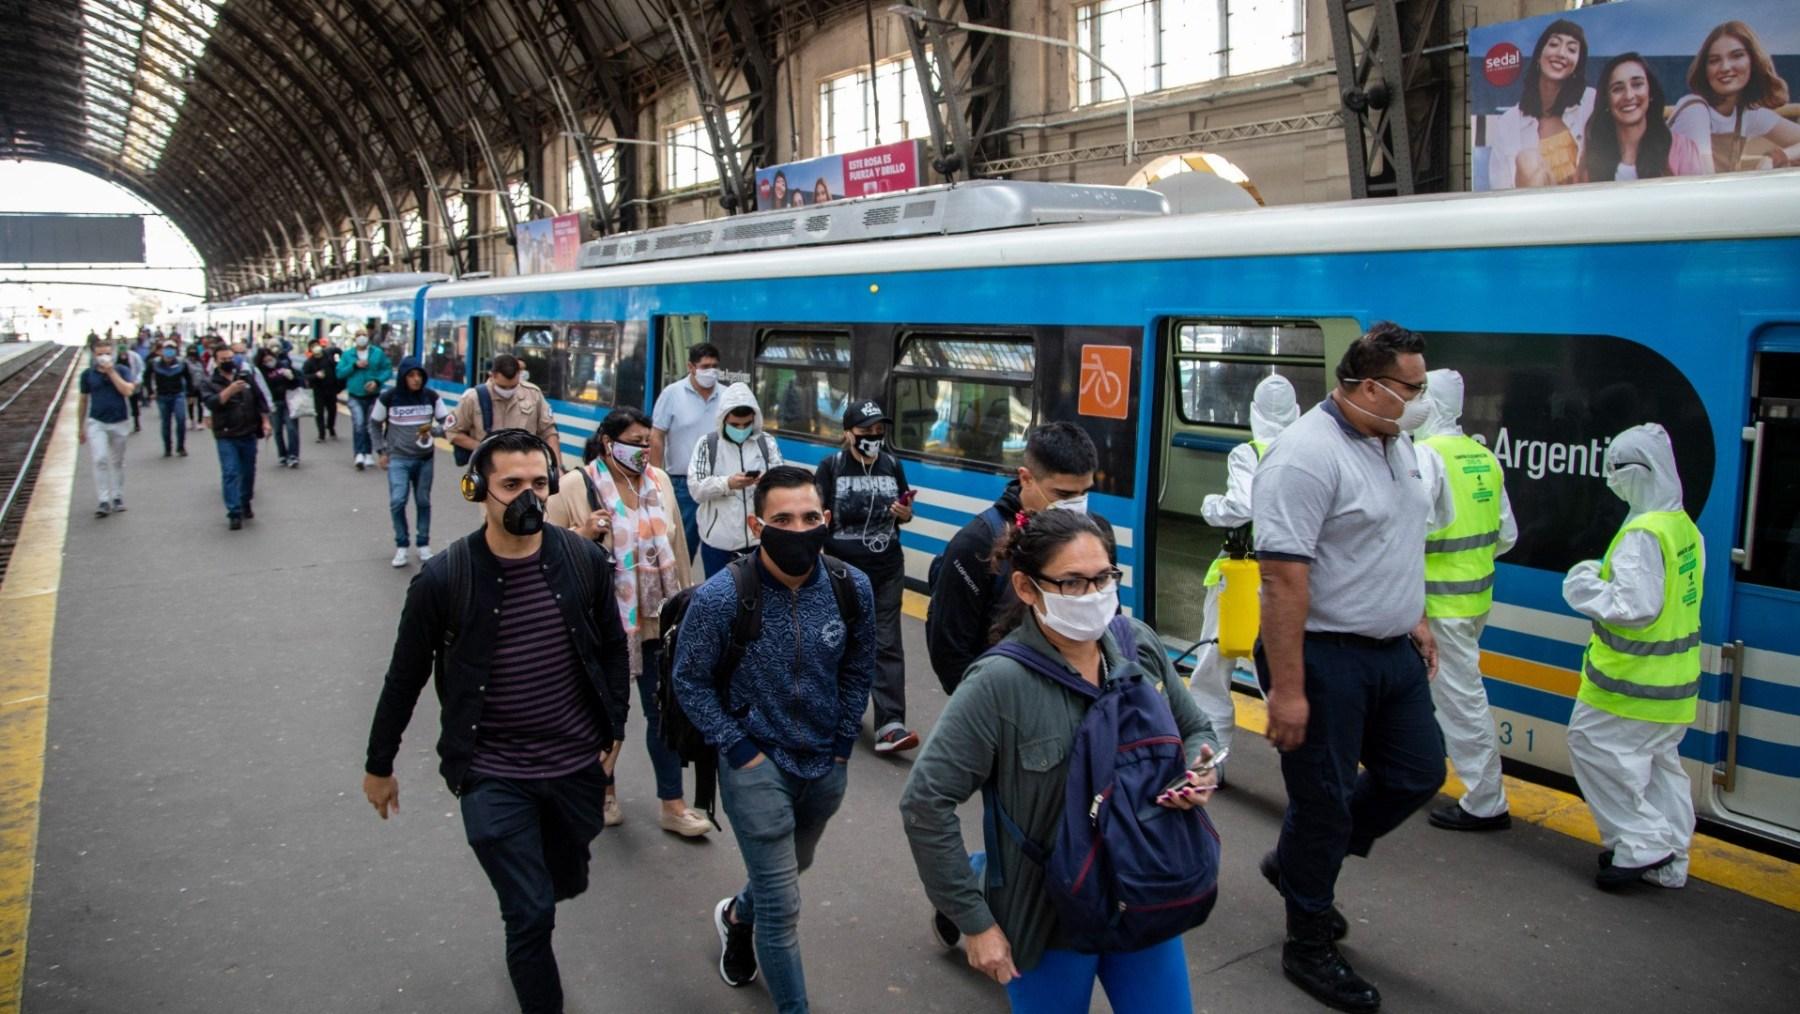 Desde hoy, amplían el aforo en colectivos, trenes y subtes: cuántas  personas podrán viajar y qué protocolos aplicarán SOCIEDAD El Intransigente